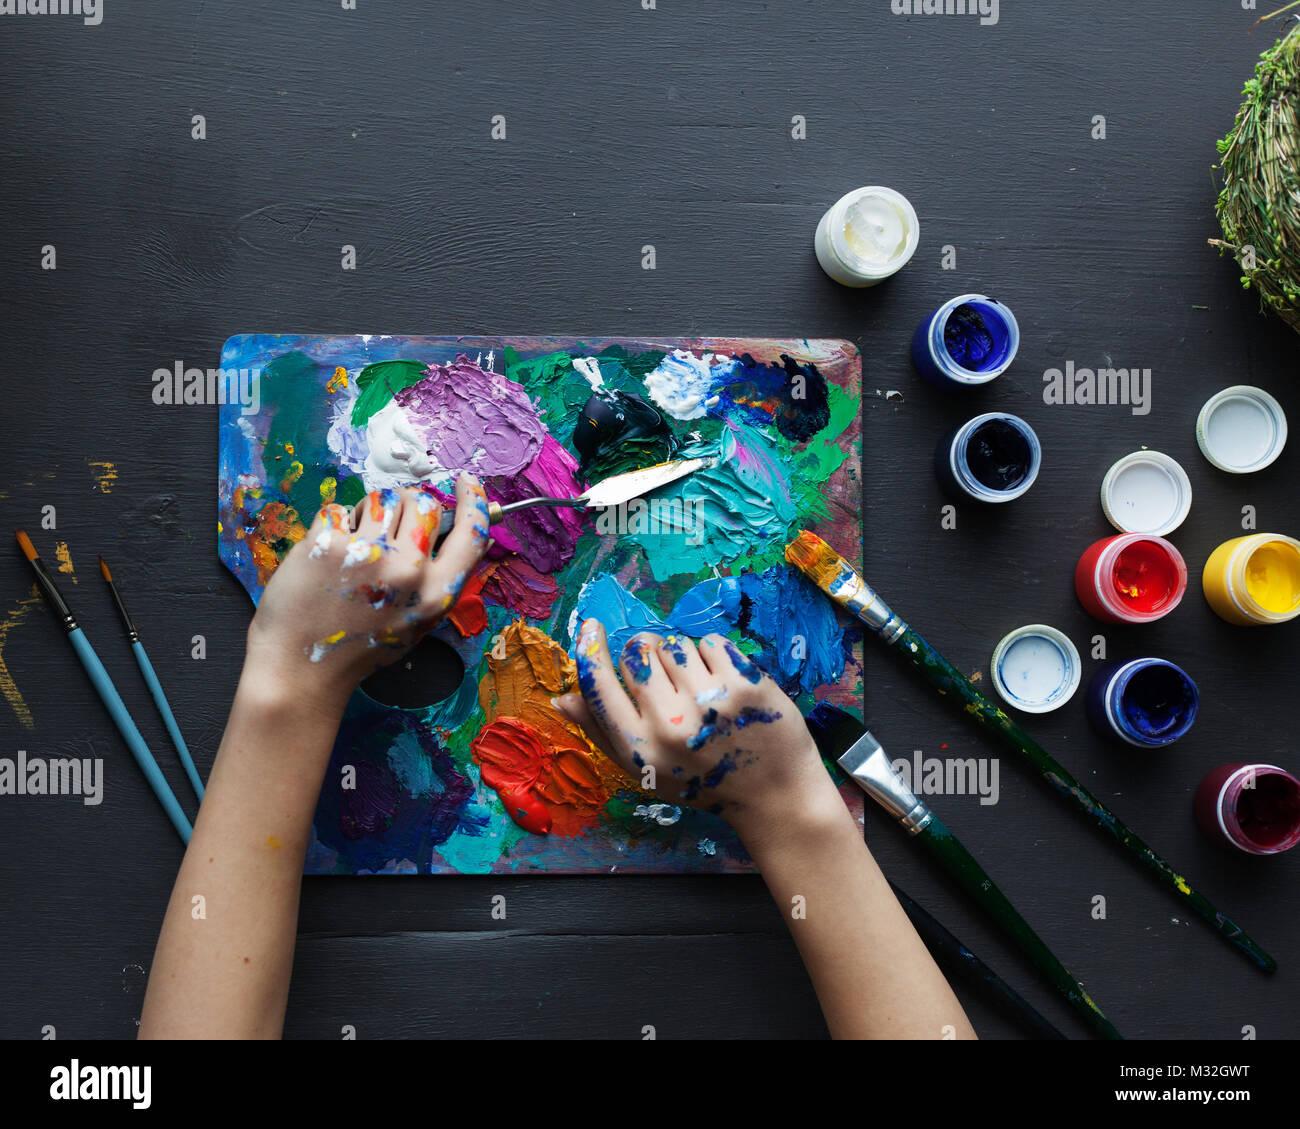 Les Mains De L Artiste Peinture Pinceaux Palette De